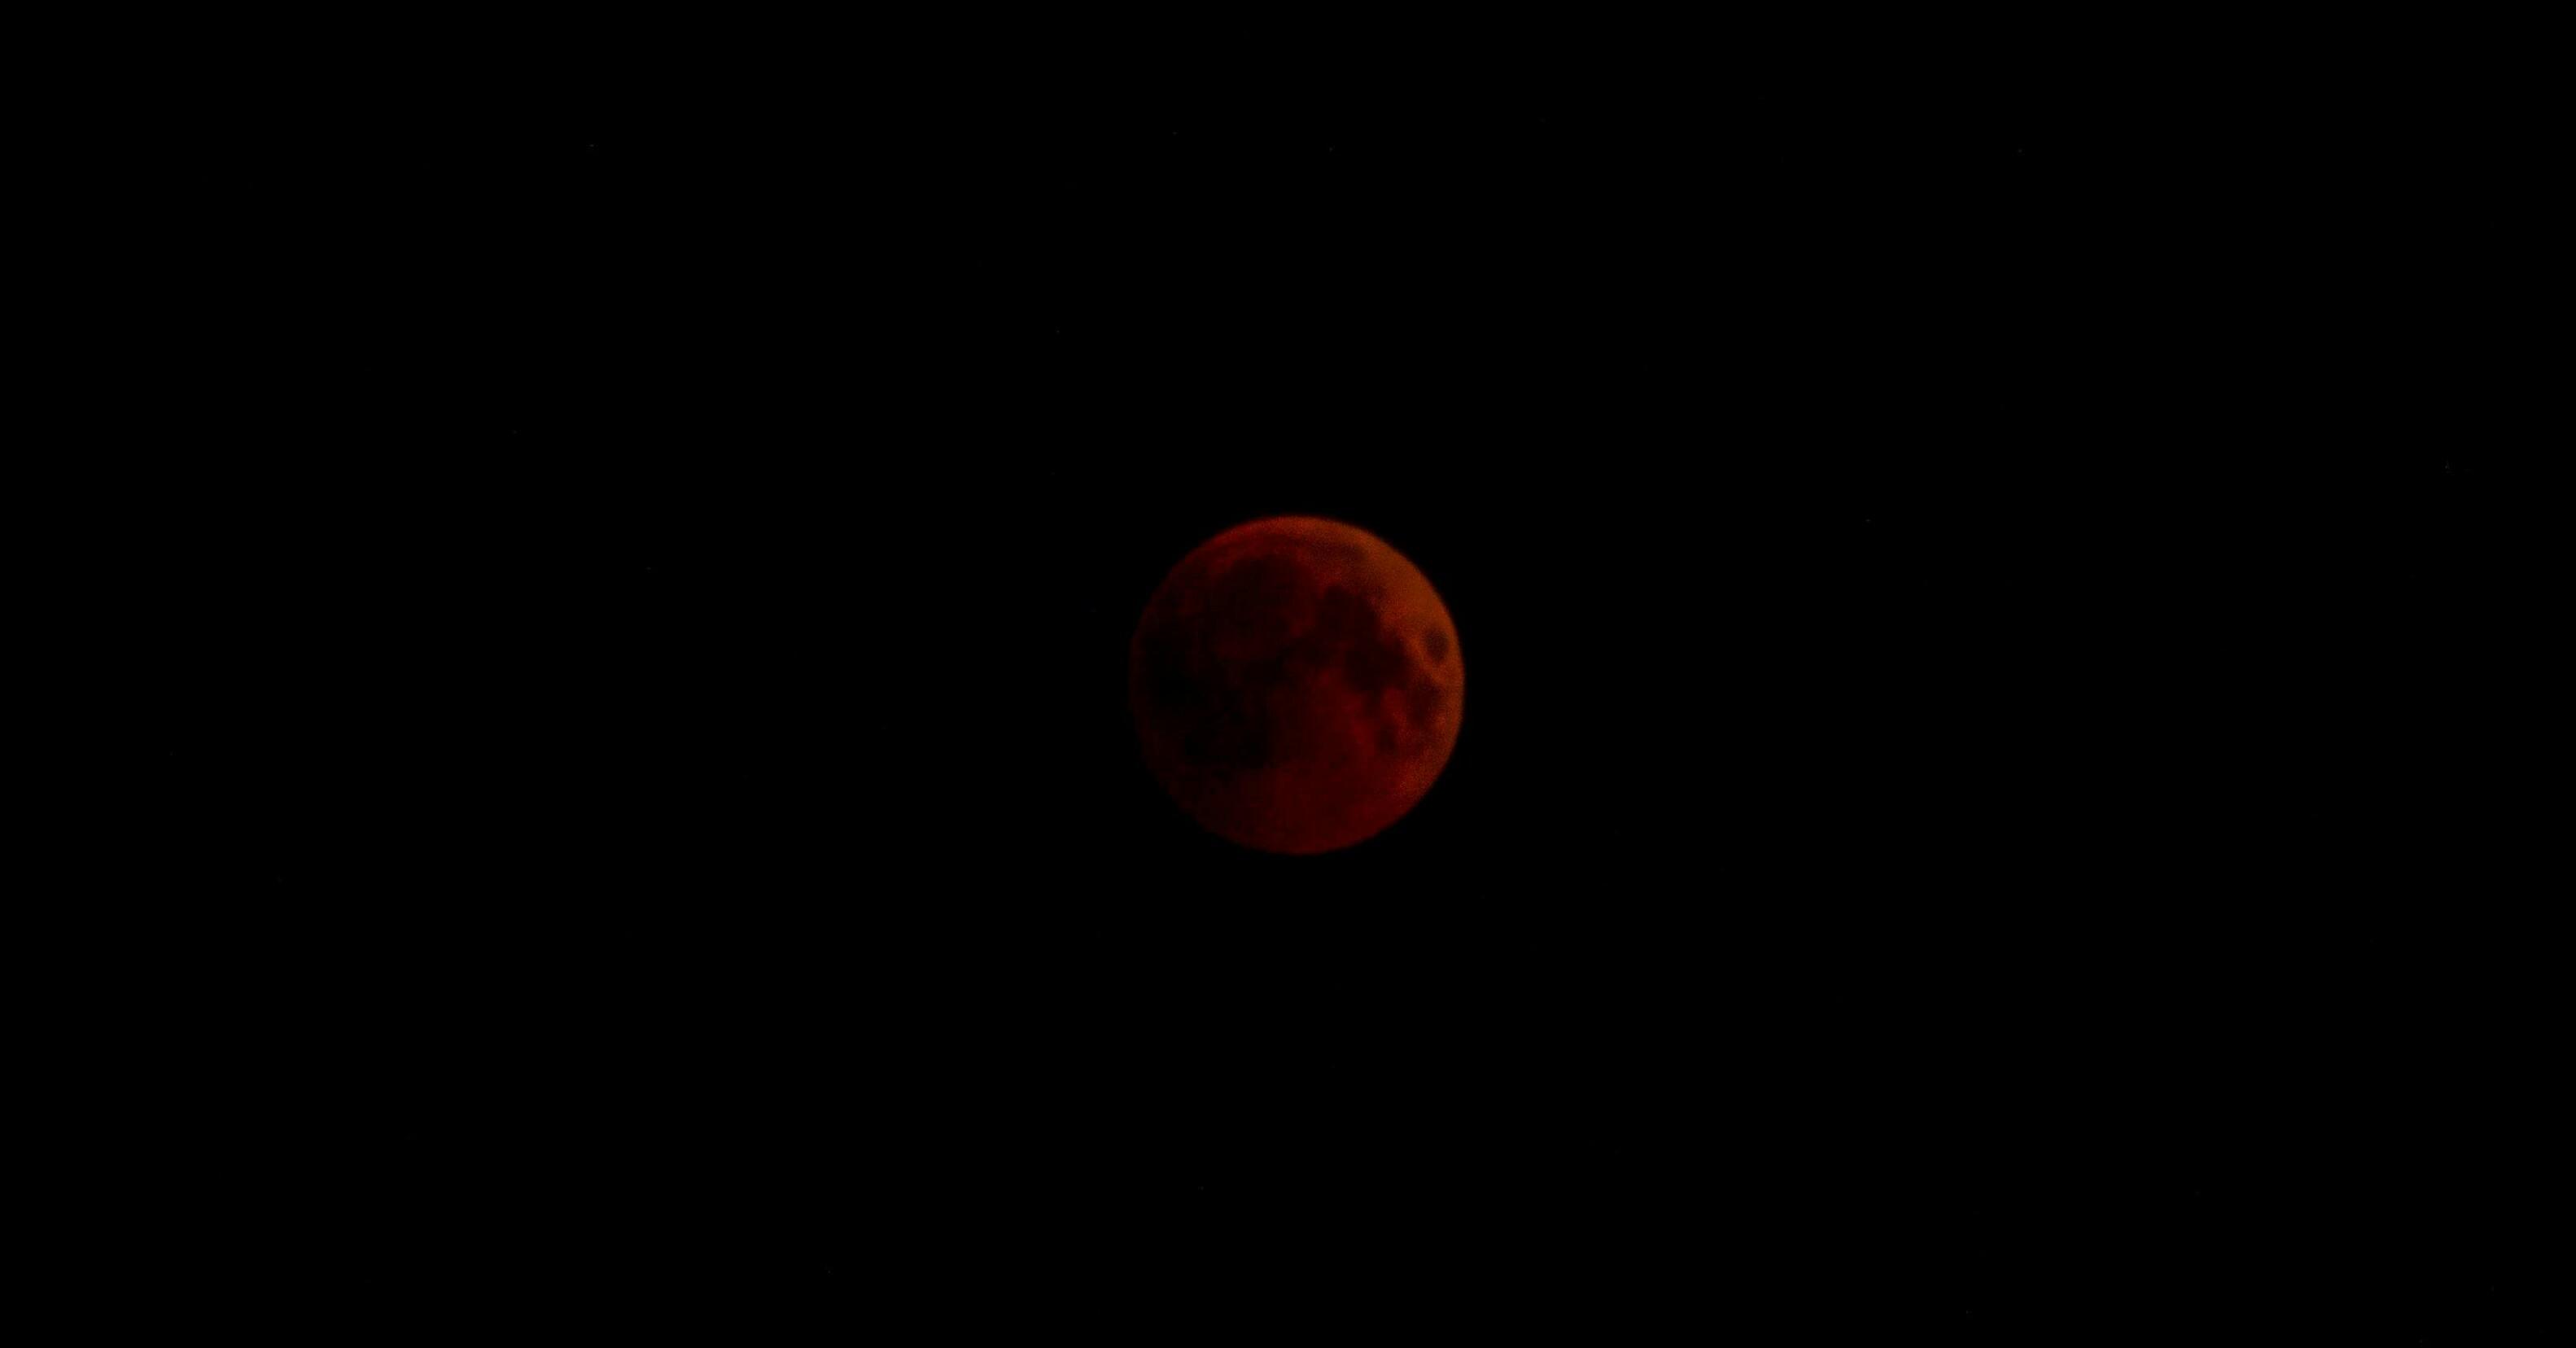 القمر الدموي من اللاذقية